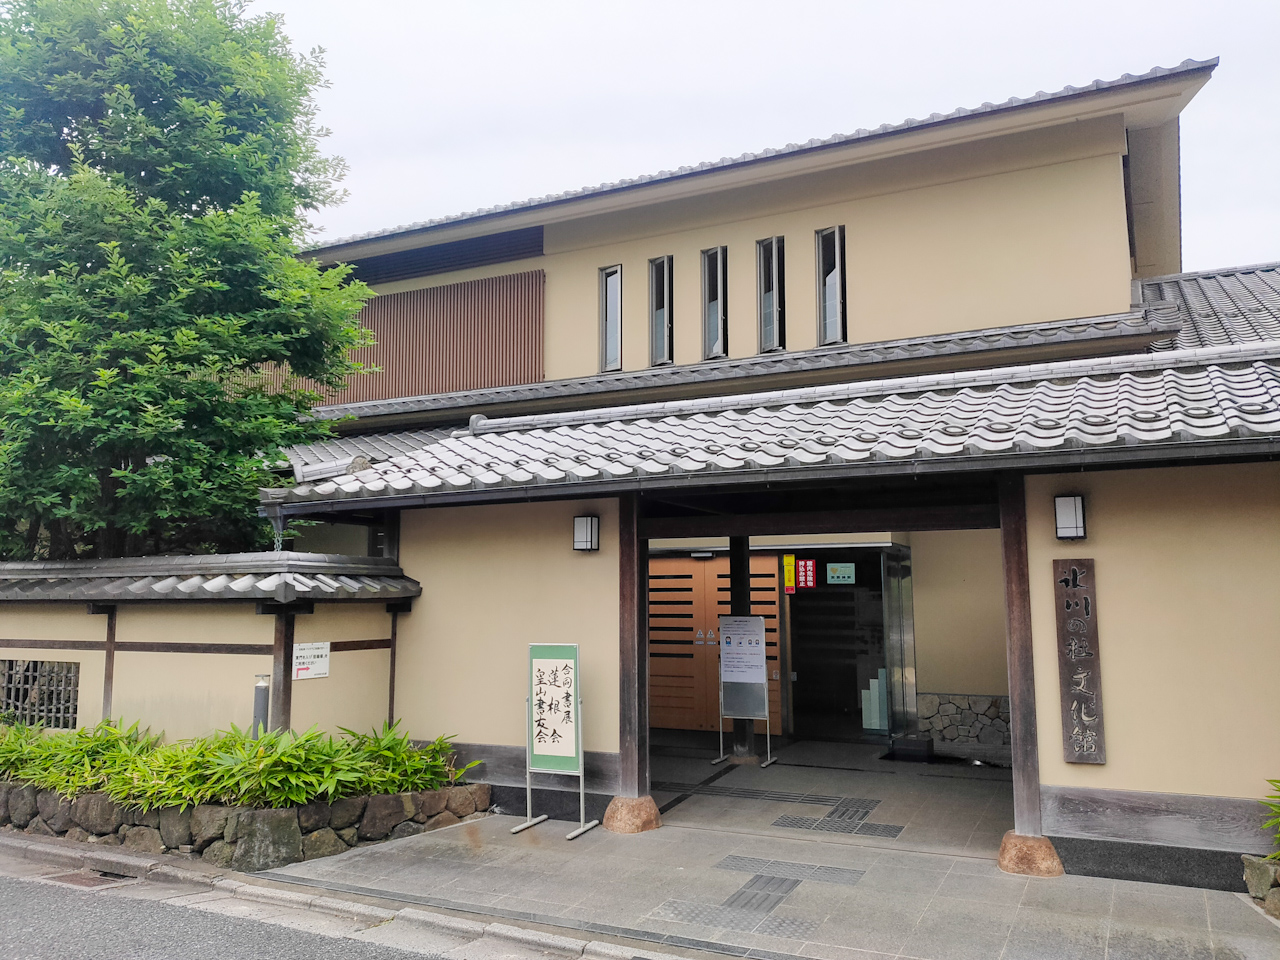 氷川神社の参道沿いにある文化交流施設「氷川の杜文化館」